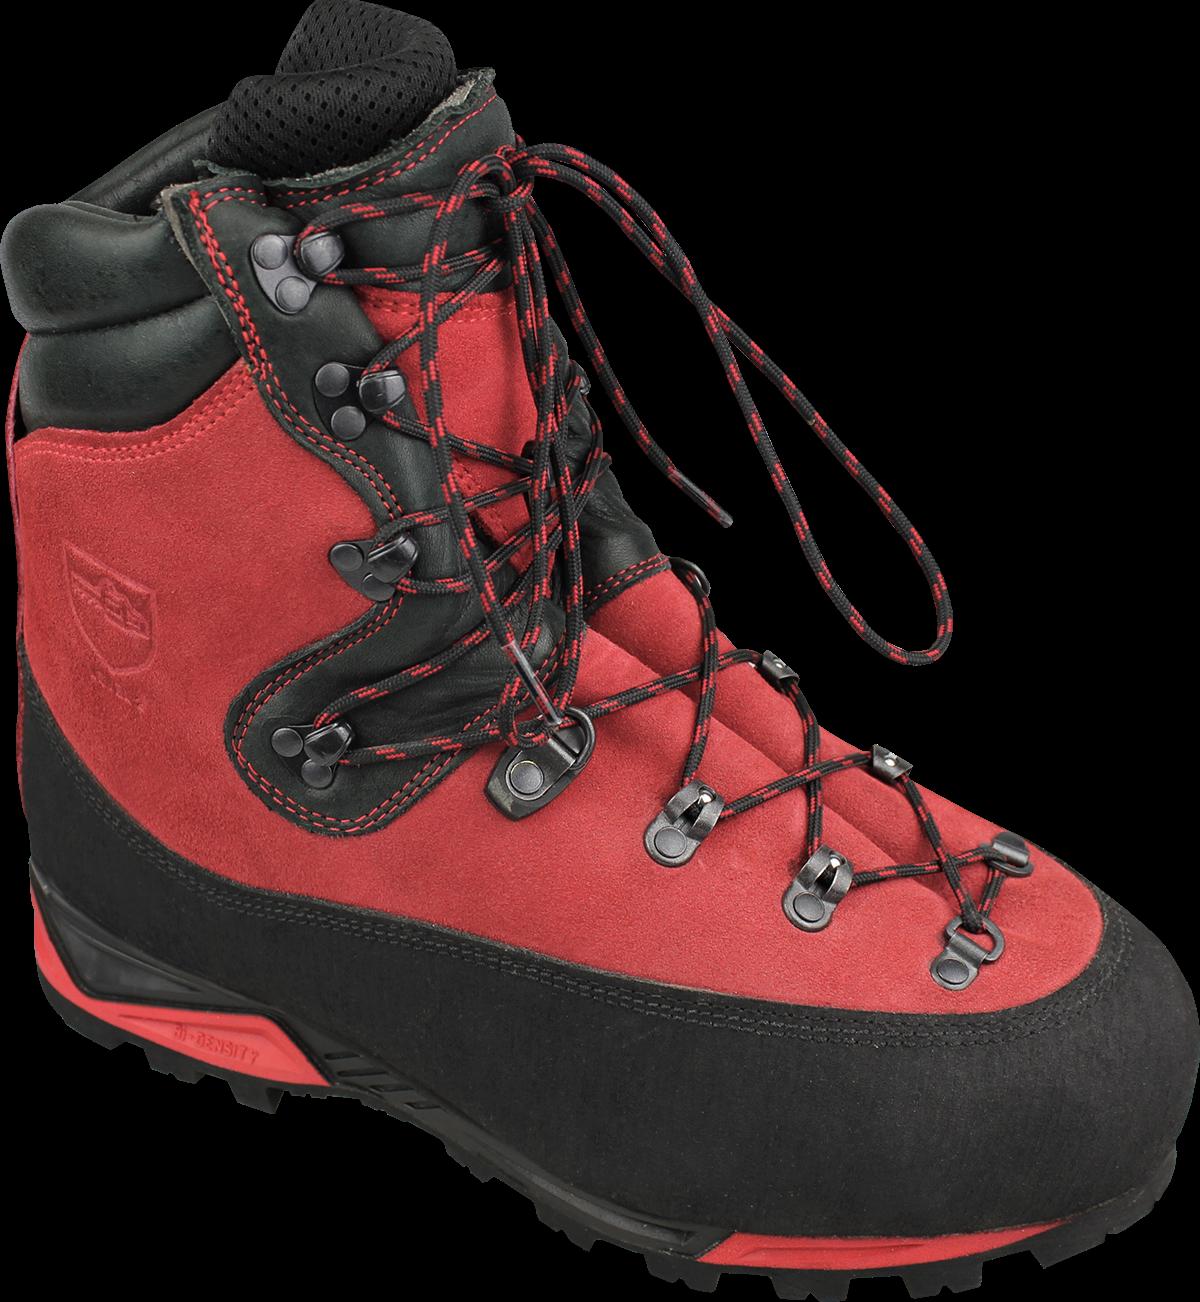 CERVINO RED, S3-Forstsicherheitsschuhe EN ISO 20345/17249, Größe 39